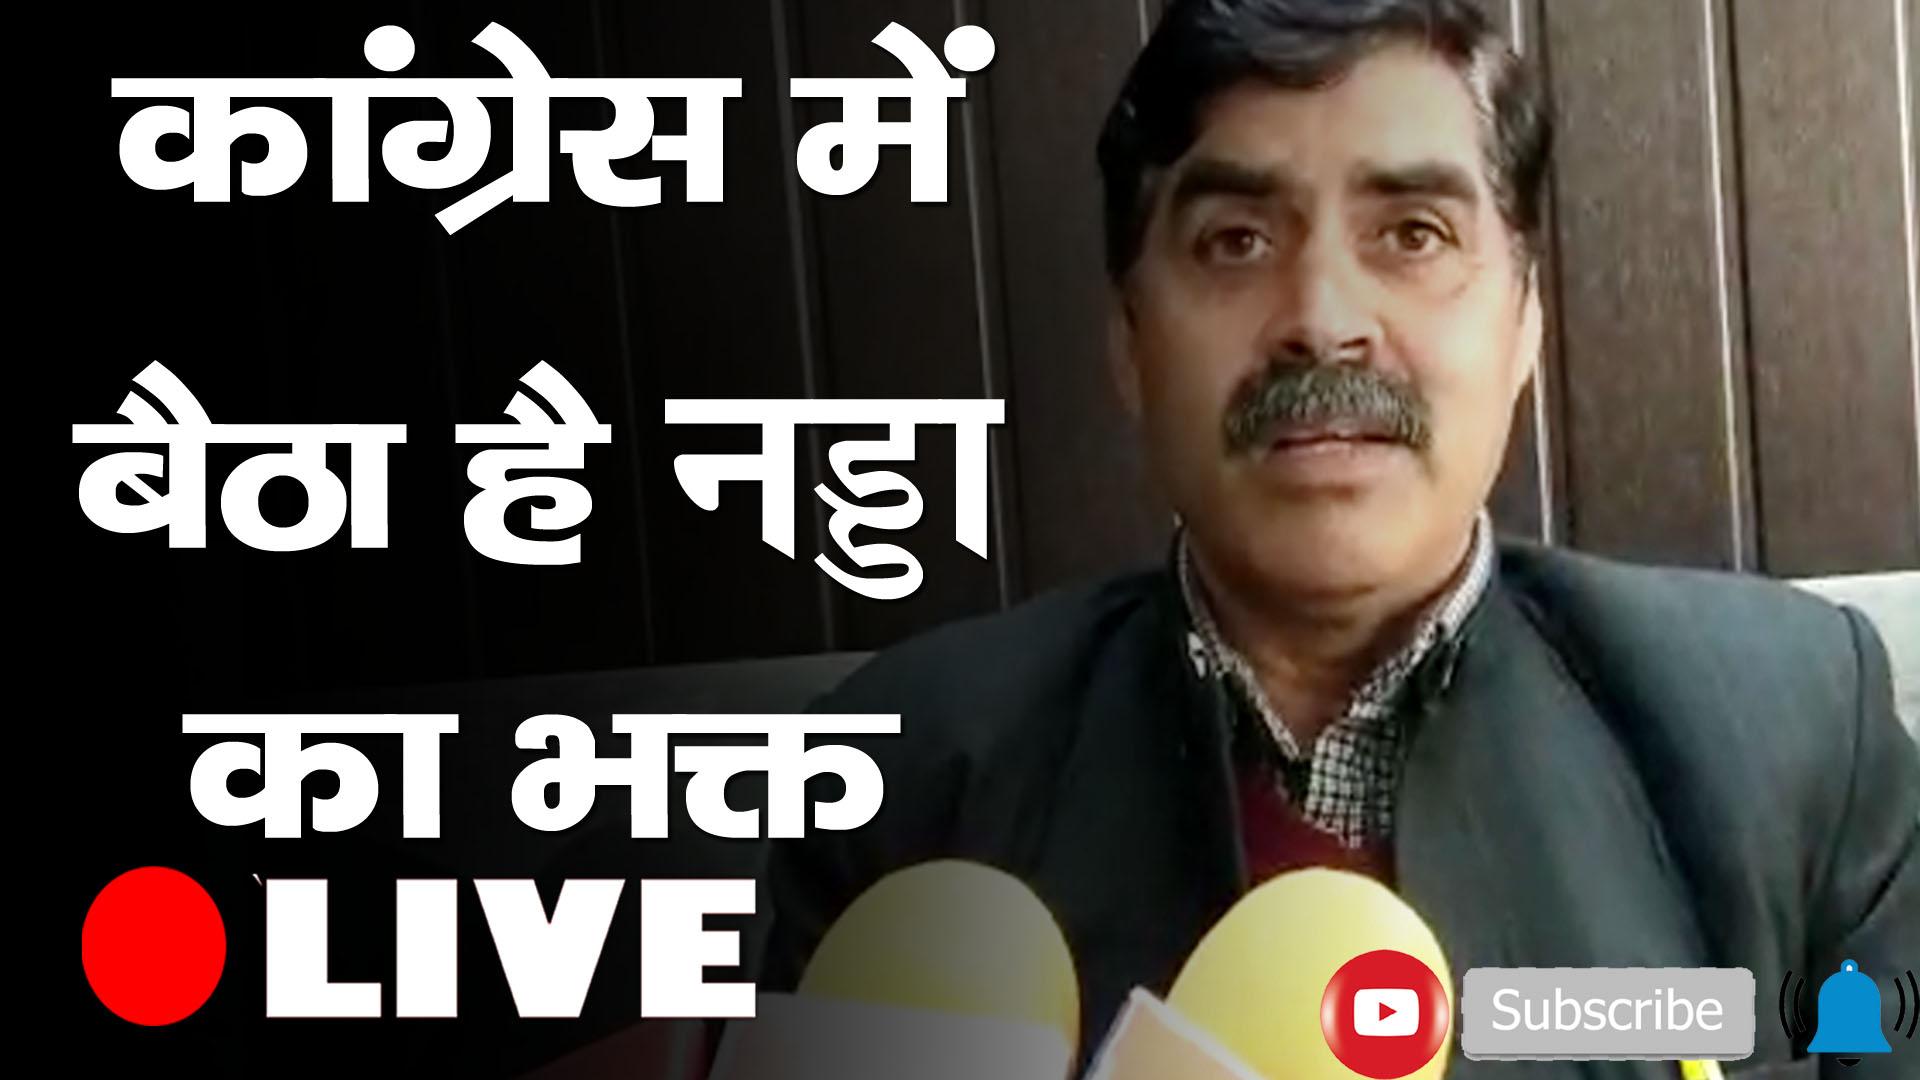 कांग्रेस में बैठा है नड्डा का भक्त: बंबर ठाकुर